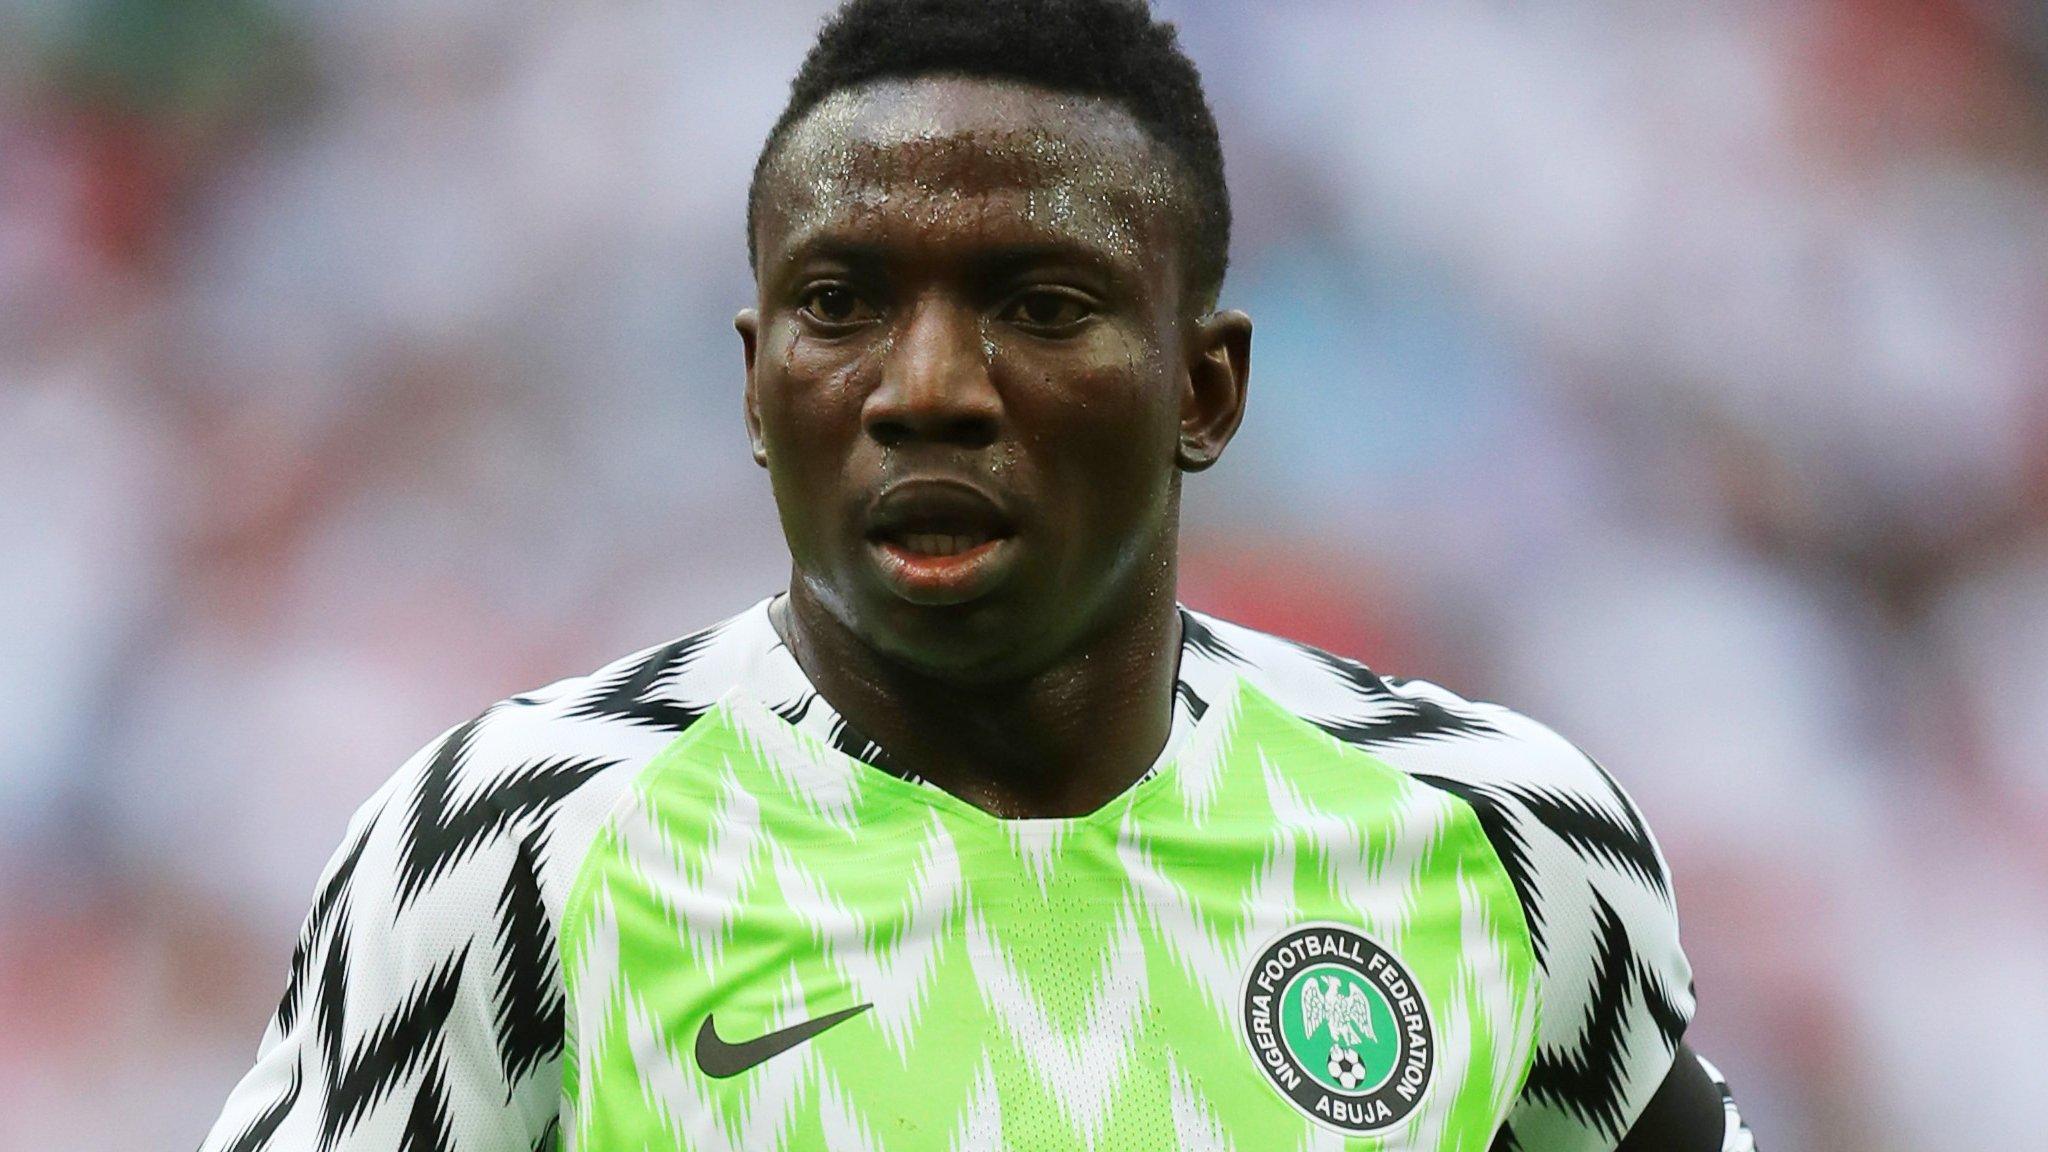 Oghenekaro Etebo: Stoke City sign Feirense midfielder for £6.35m